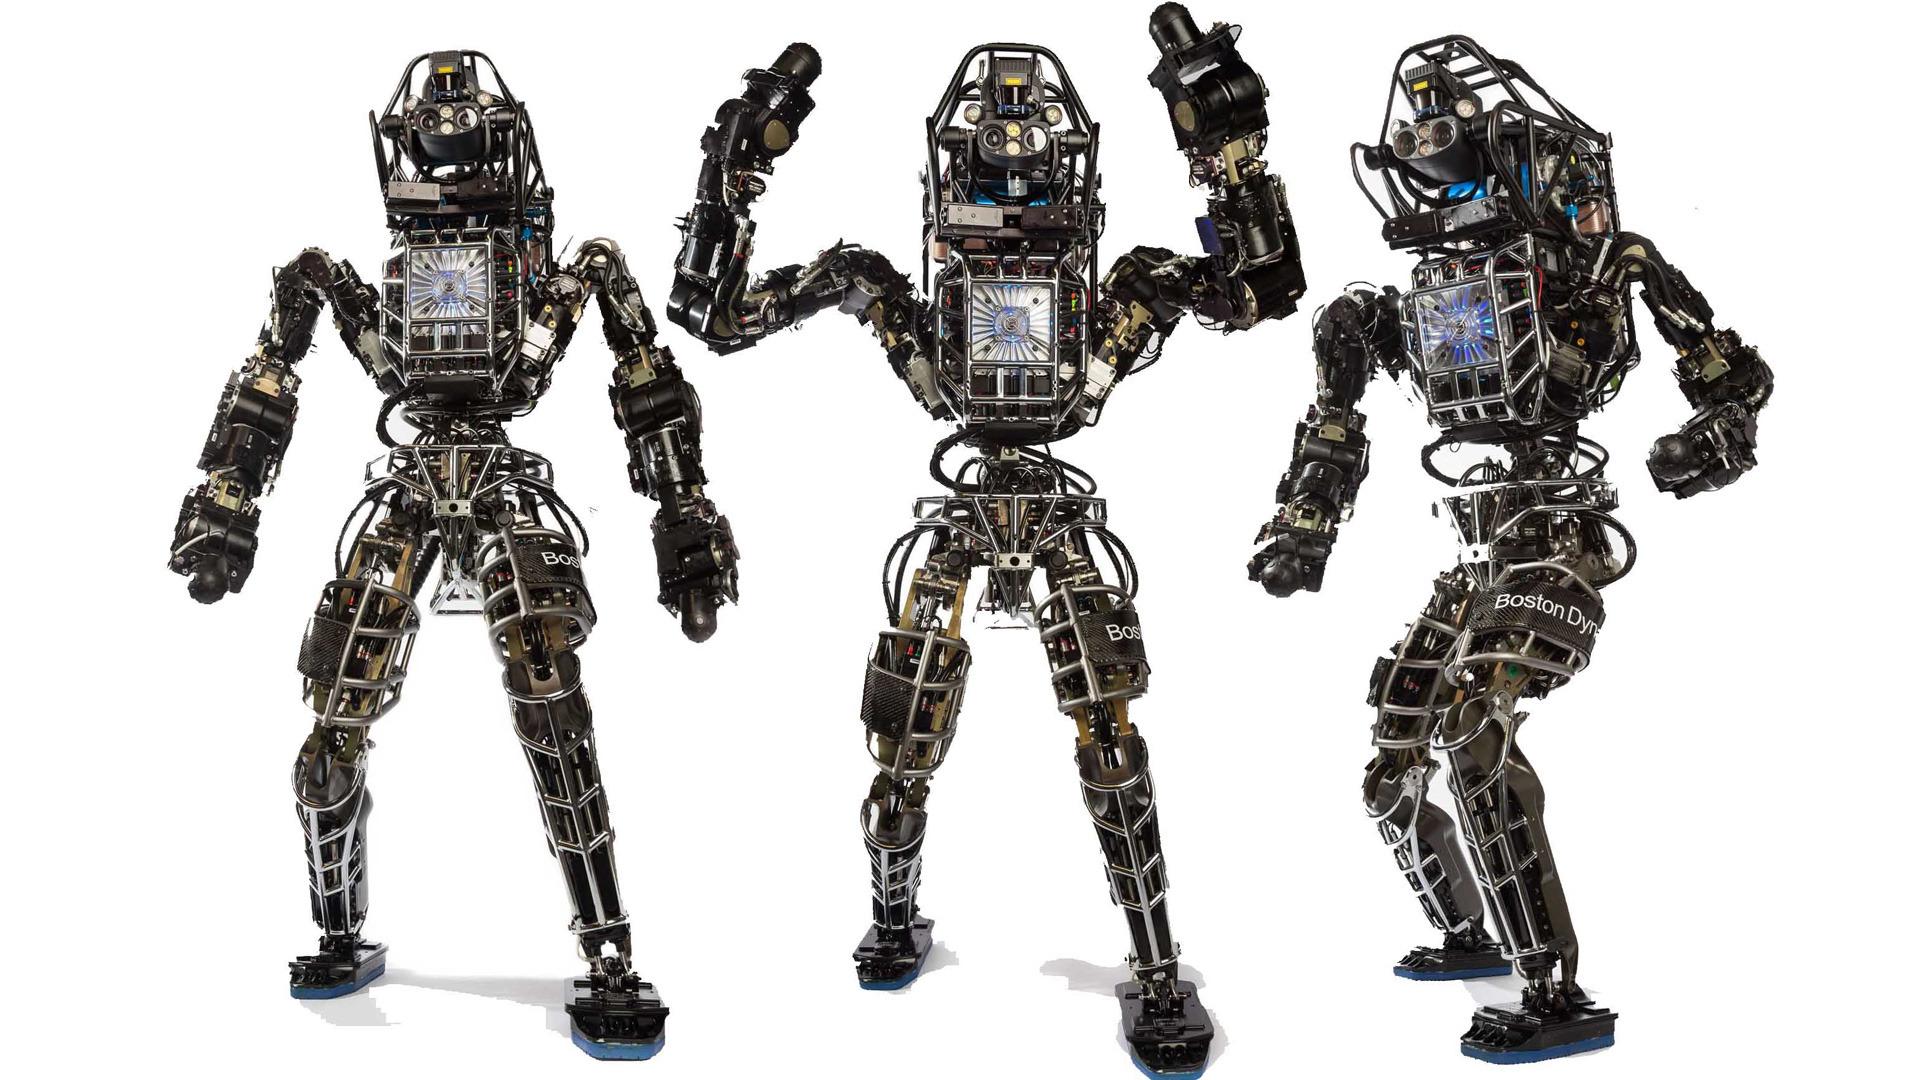 El robot portátil que ayuda a los ancianos a no caerse, el video